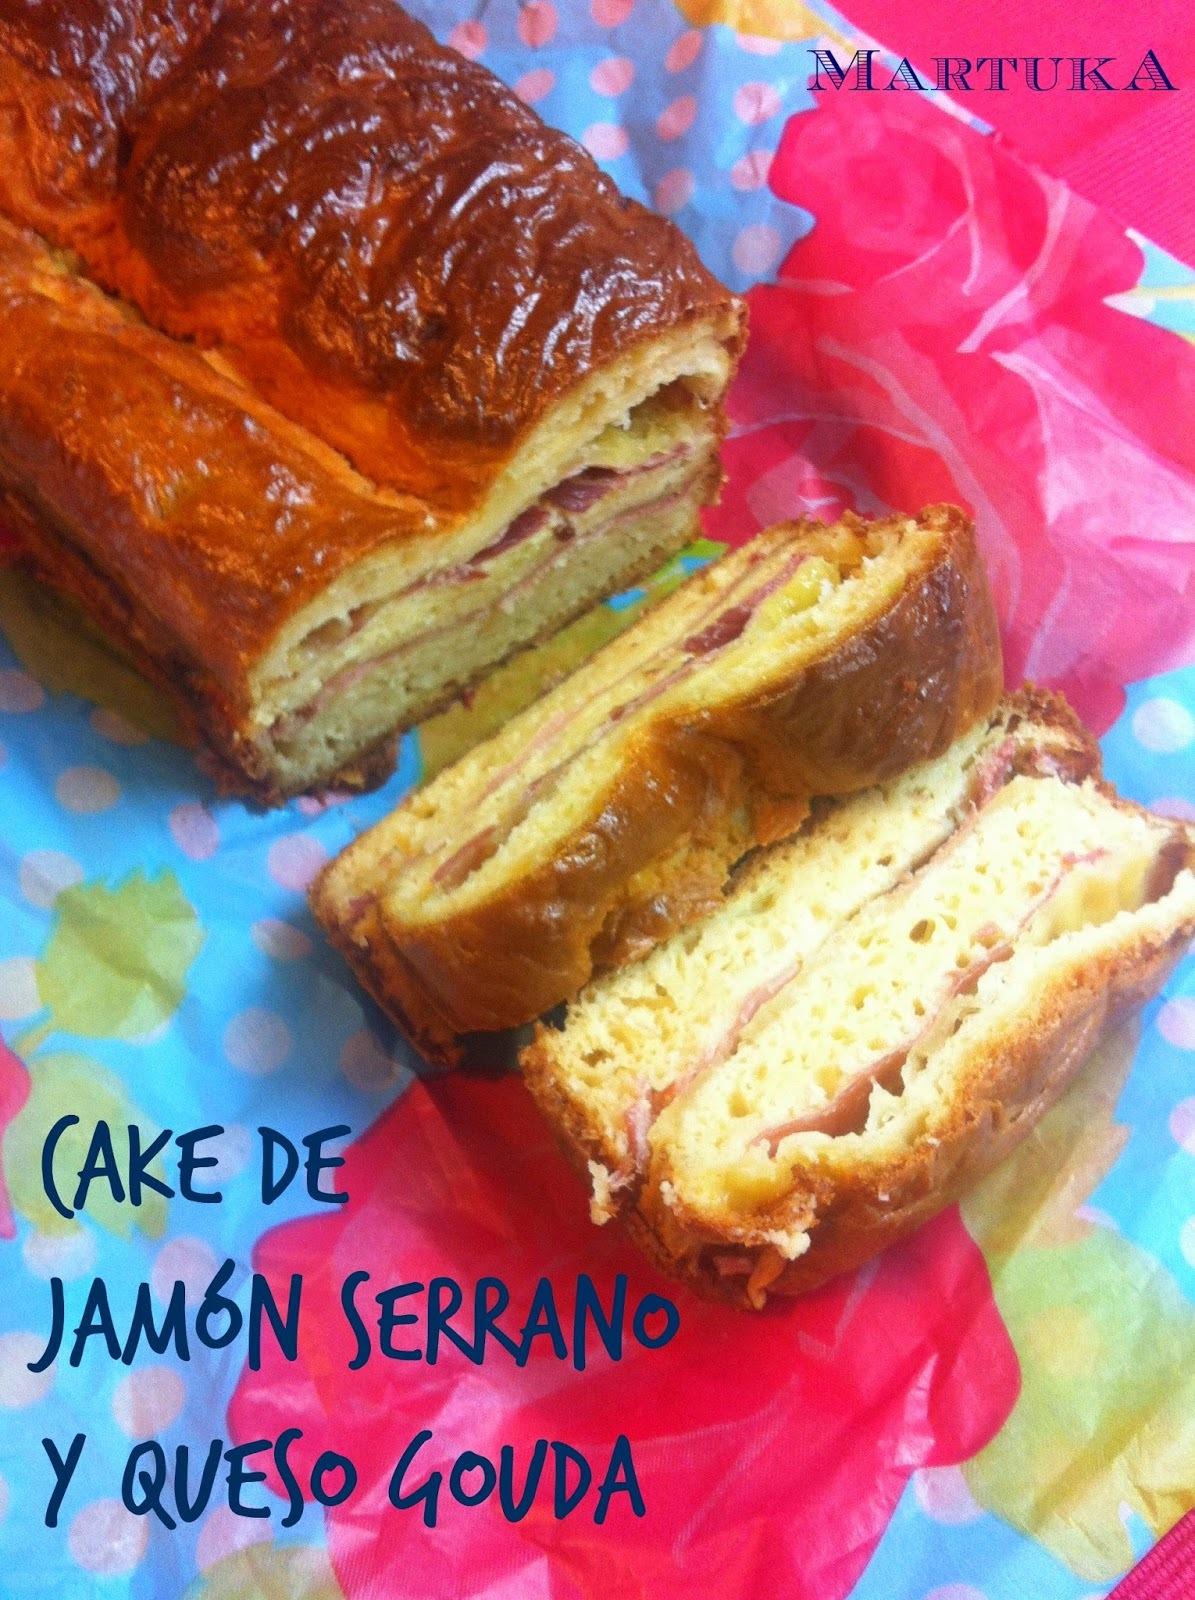 Cake De Jamón Serrano Y Queso Gouda